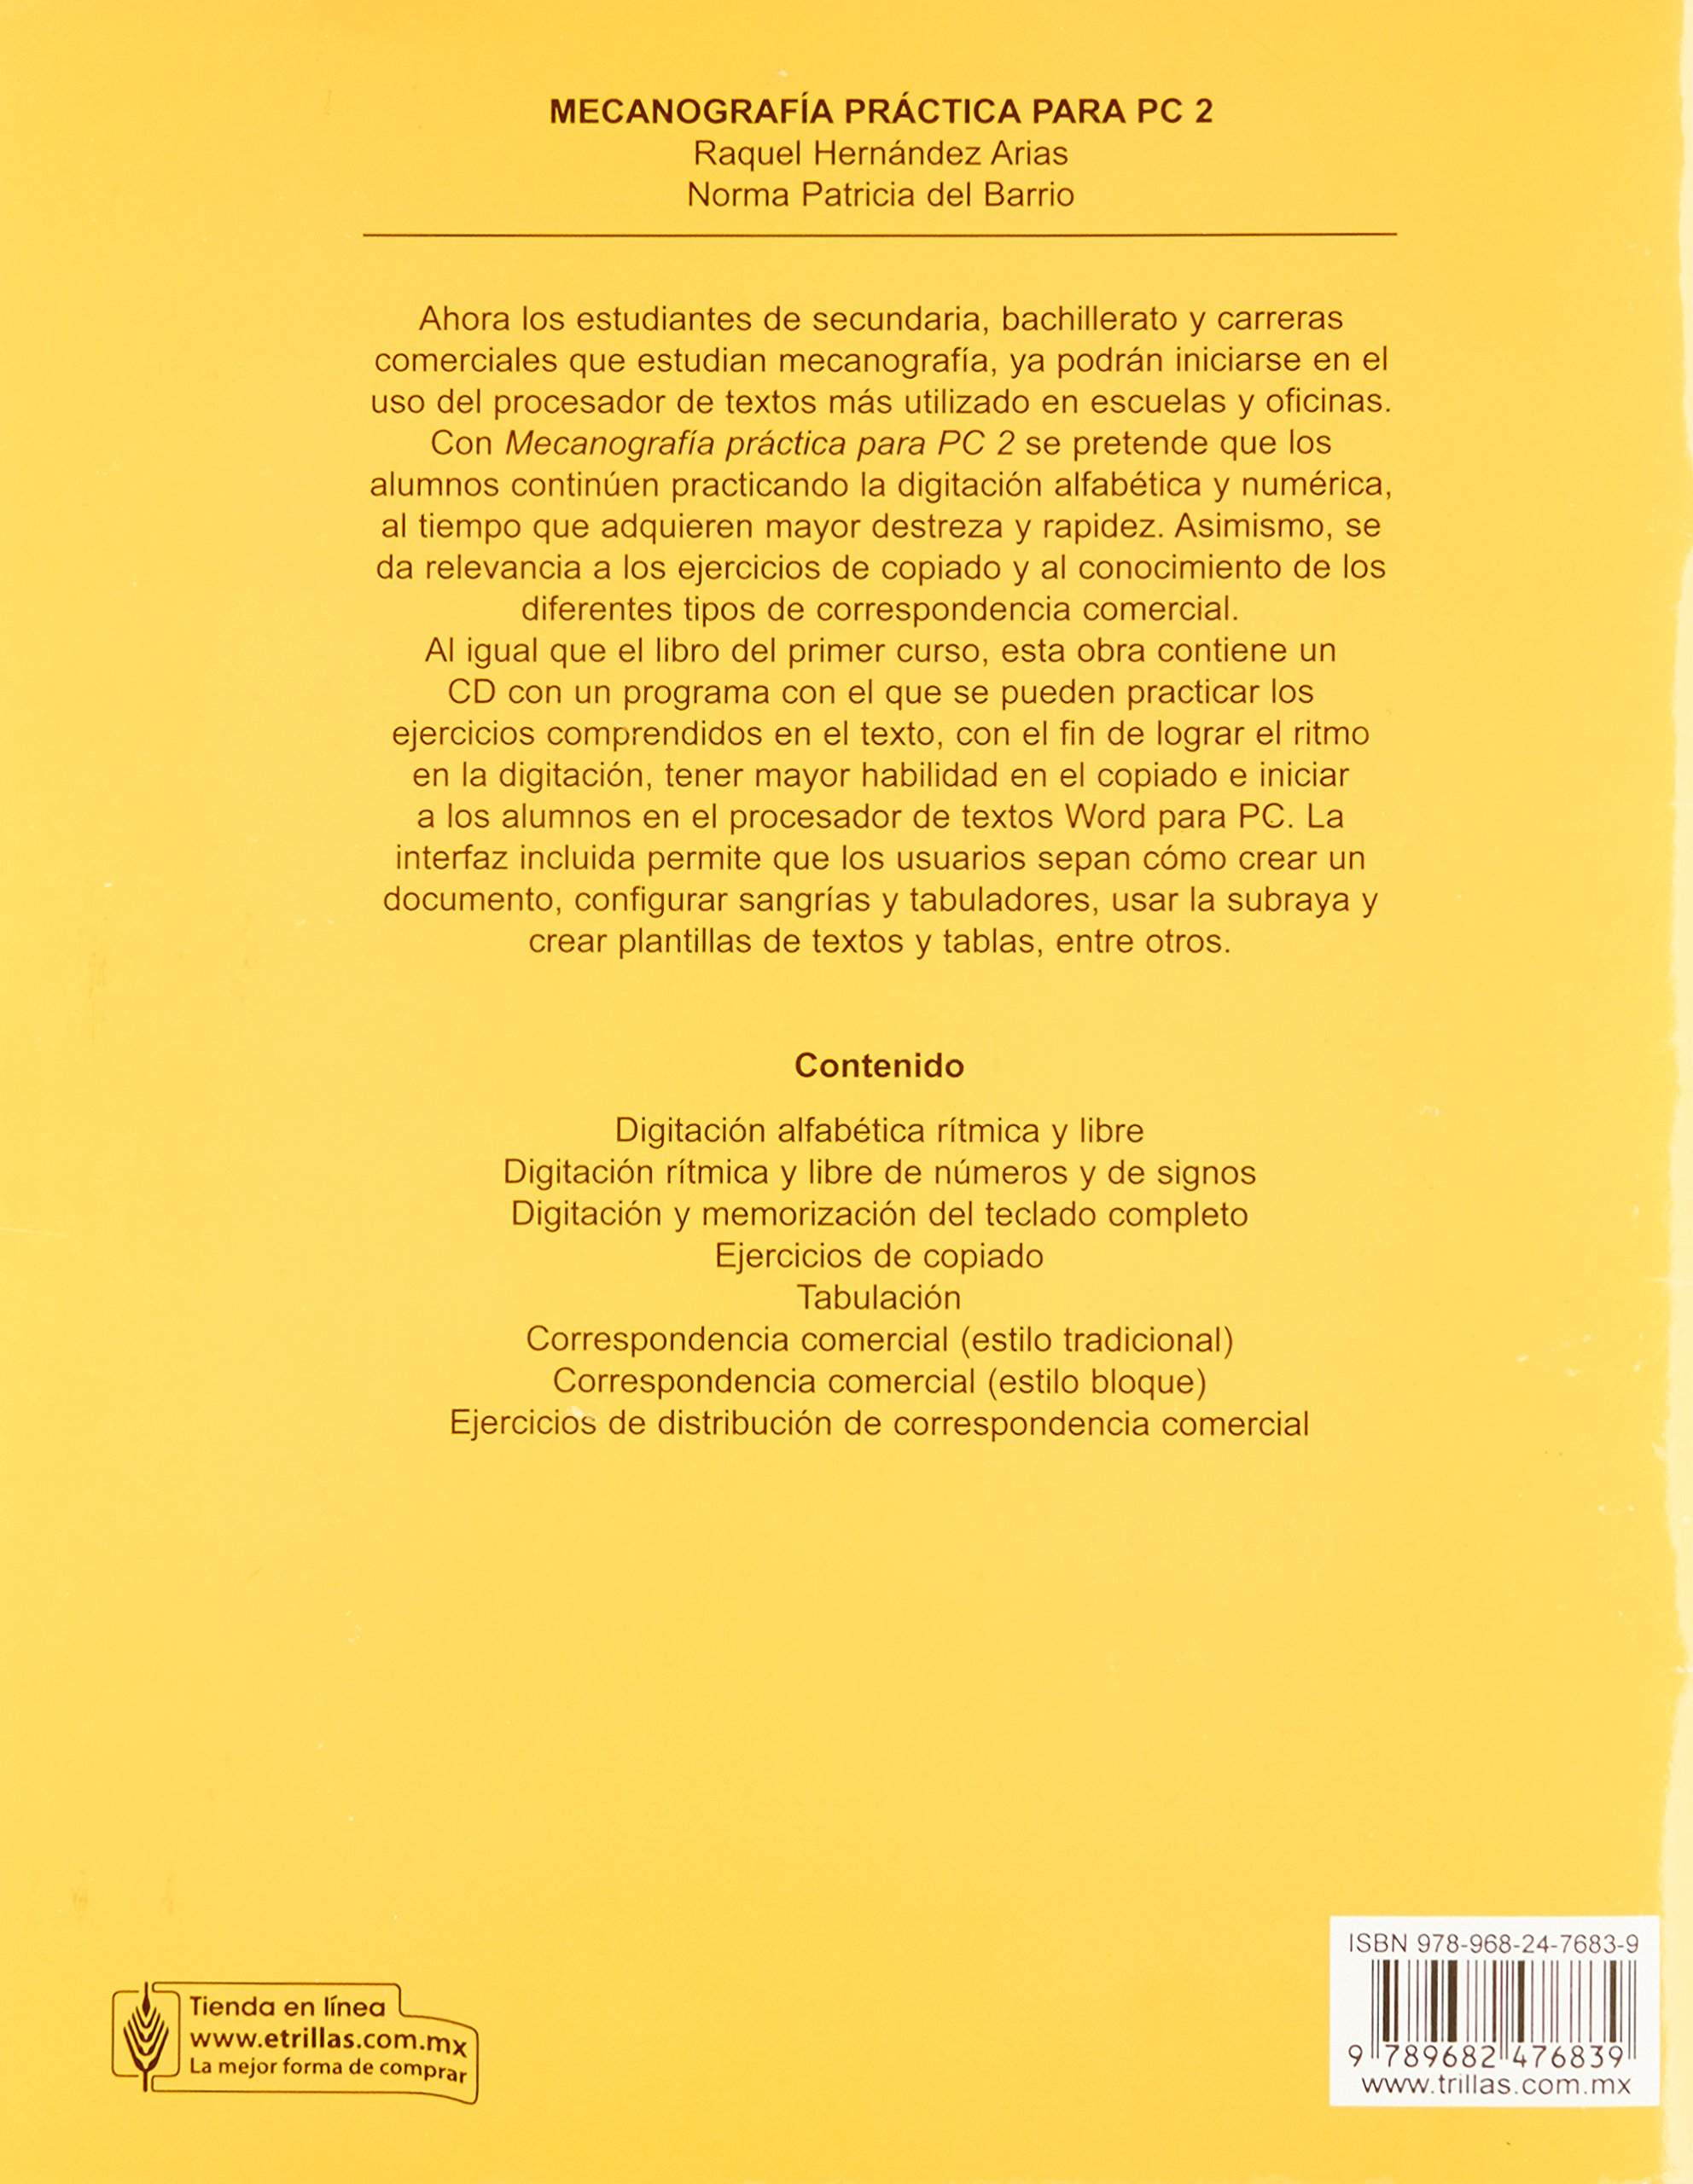 Mecanografia practica para PC / Practical Typing for PC: Para el aprendizaje del teclado en PC / Learning PC keyboard (Spanish Edition): Raquel Hernandez ...